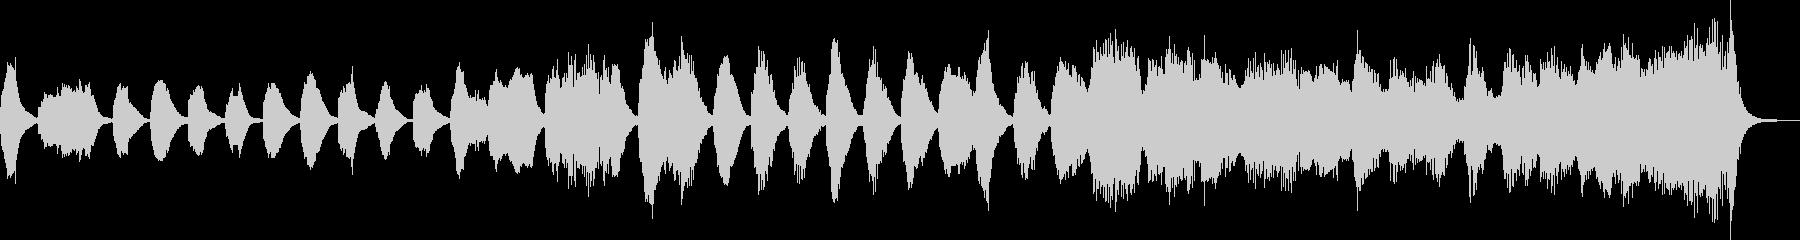 クラシックのバッハ風のジングル_ループの未再生の波形